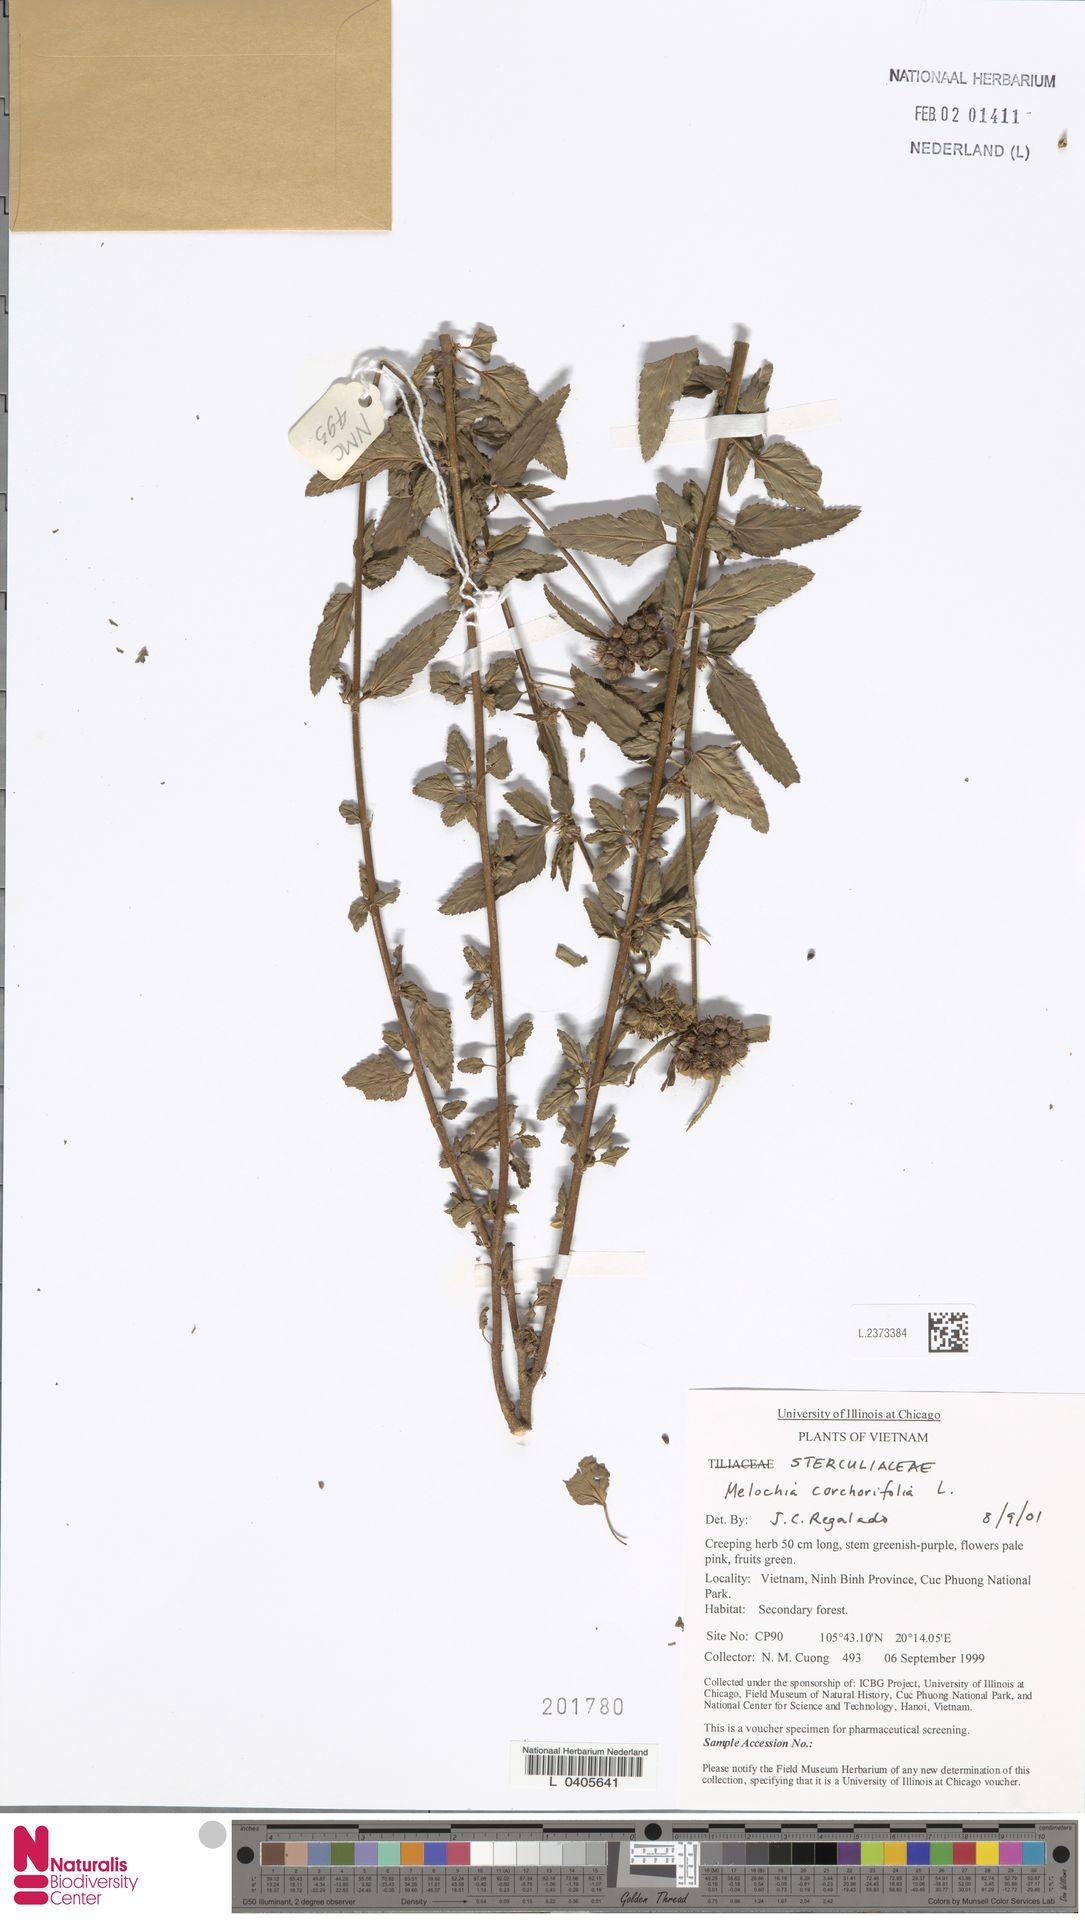 L.2373384   Melochia corchorifolia L.